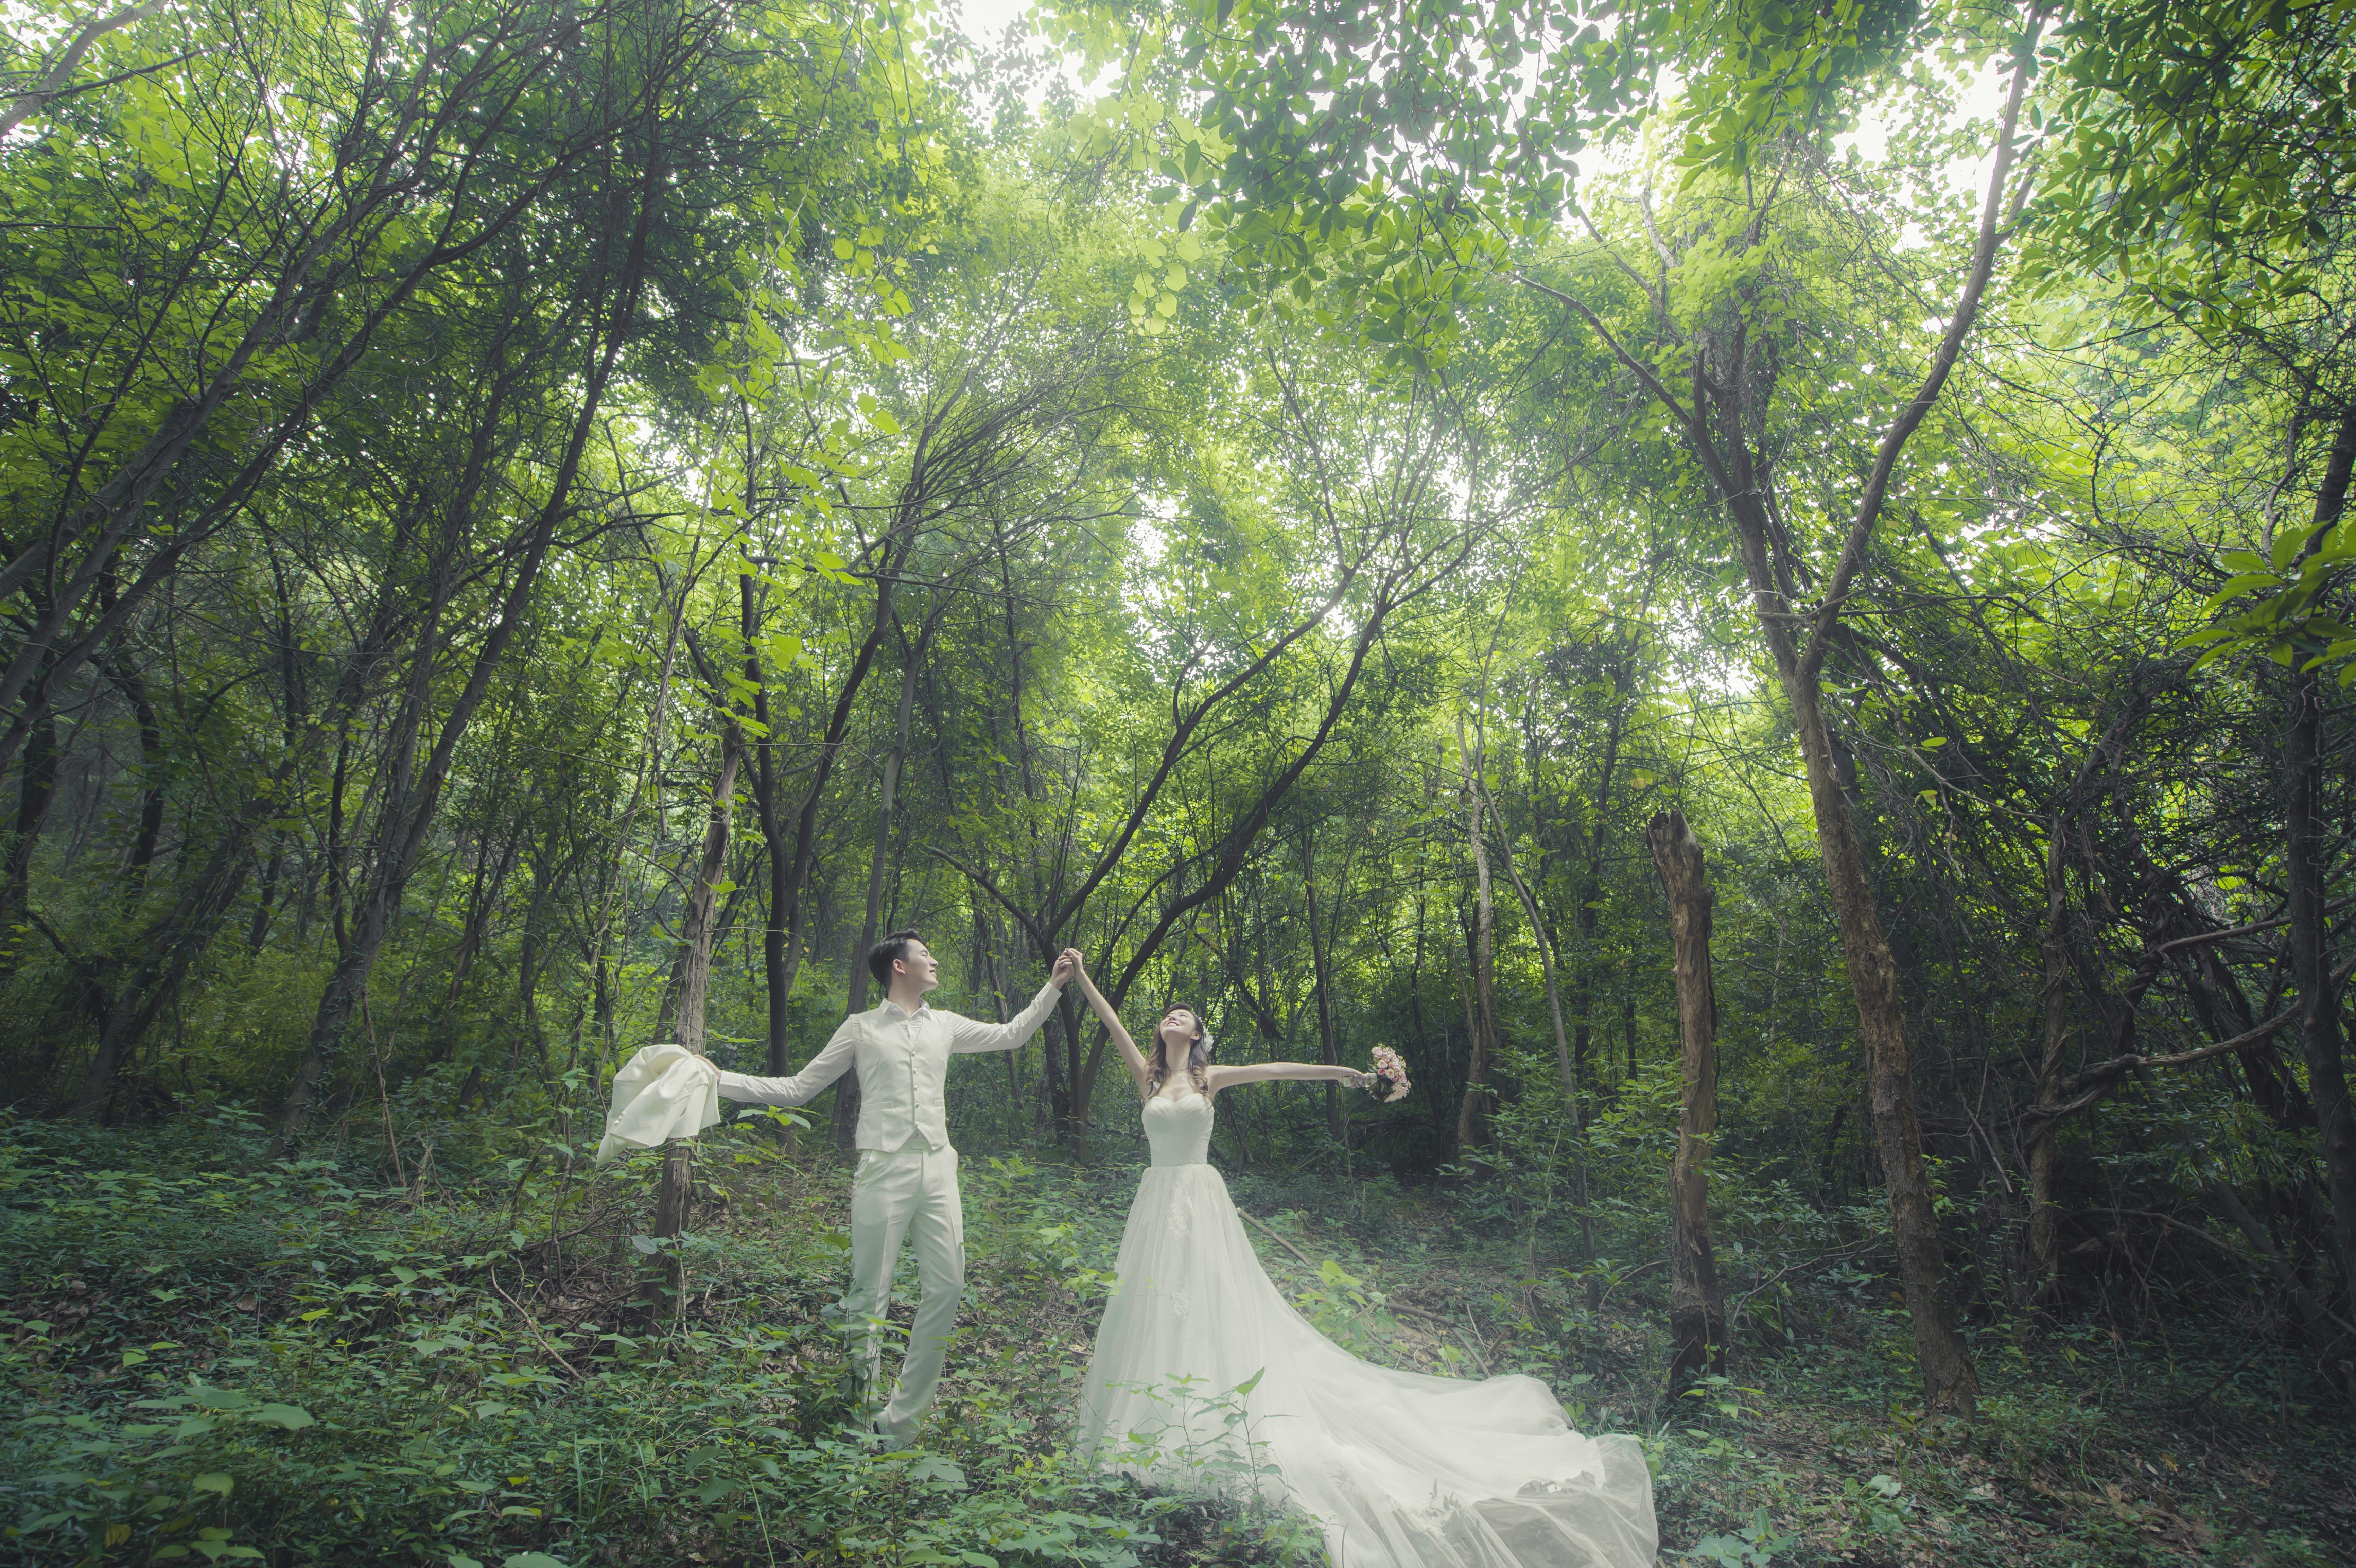 徠麗婚紗攝影工作室